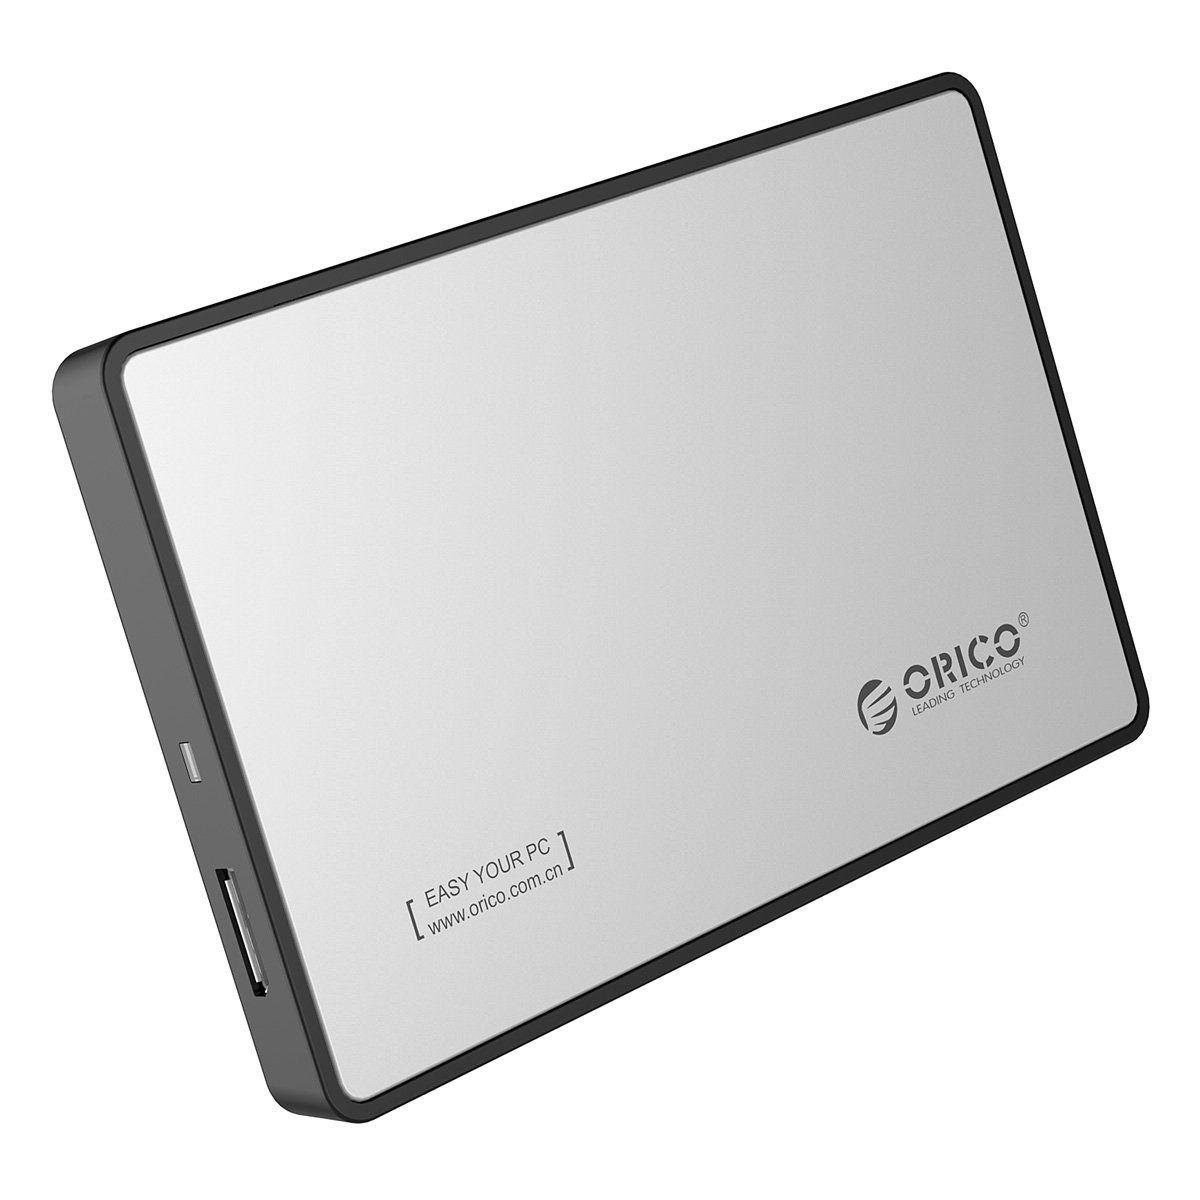 ORICO 2588US3 USB 3.0 محرك الأقراص الصلبة الخارجي SATA HDD / SSD مربع 2.5 بوصة ضميمة للقرص الصلب 7MM + 9MM